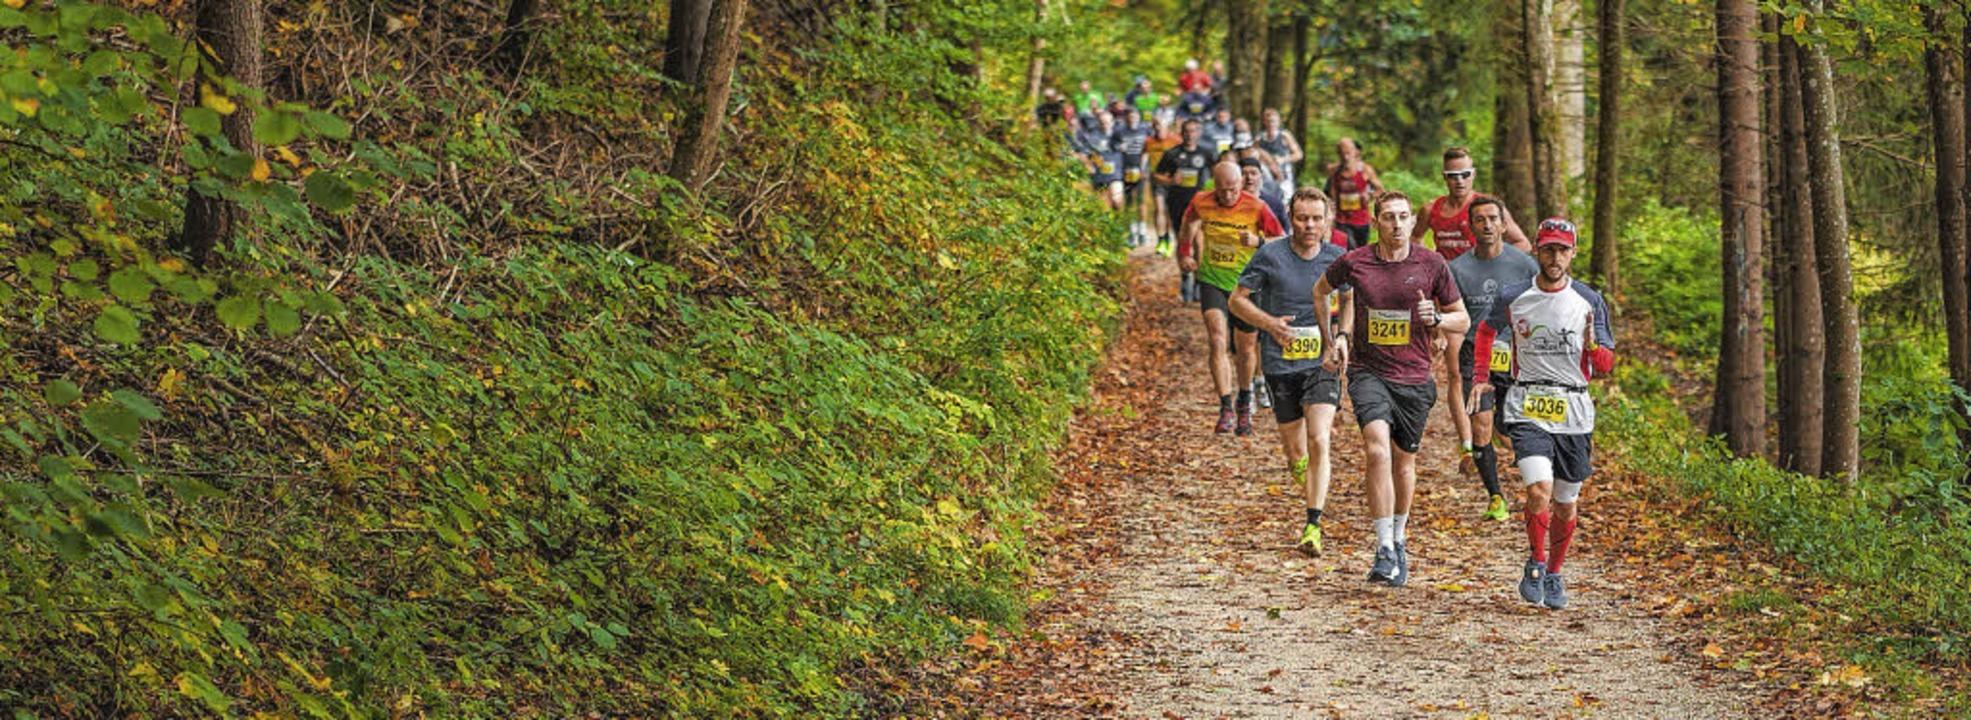 Einer der ältesten Naturmarathons hält...s Schwarzwaldmarathons sind Waldwege.     Foto: Tobias Raphael Ackermann